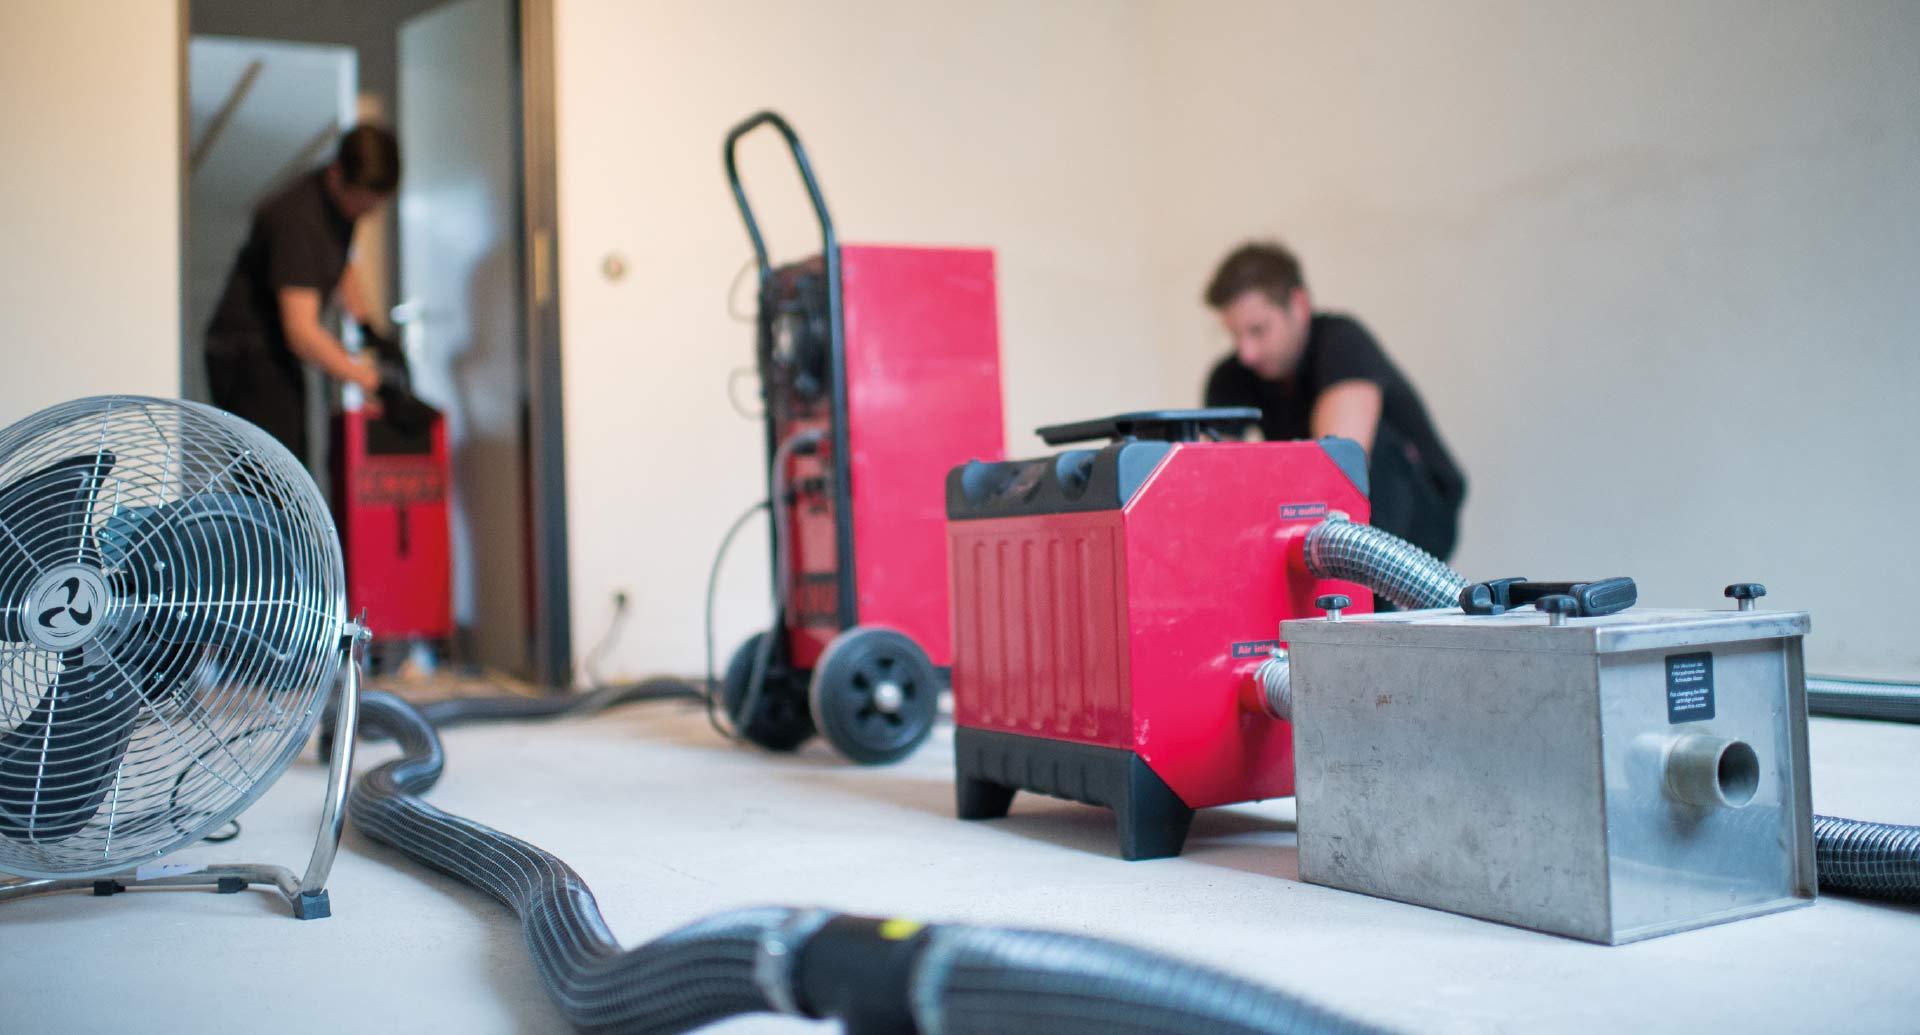 Rotes Trocknungsgerät steht im Raum und im Hintergrund arbeiten zwei Männer